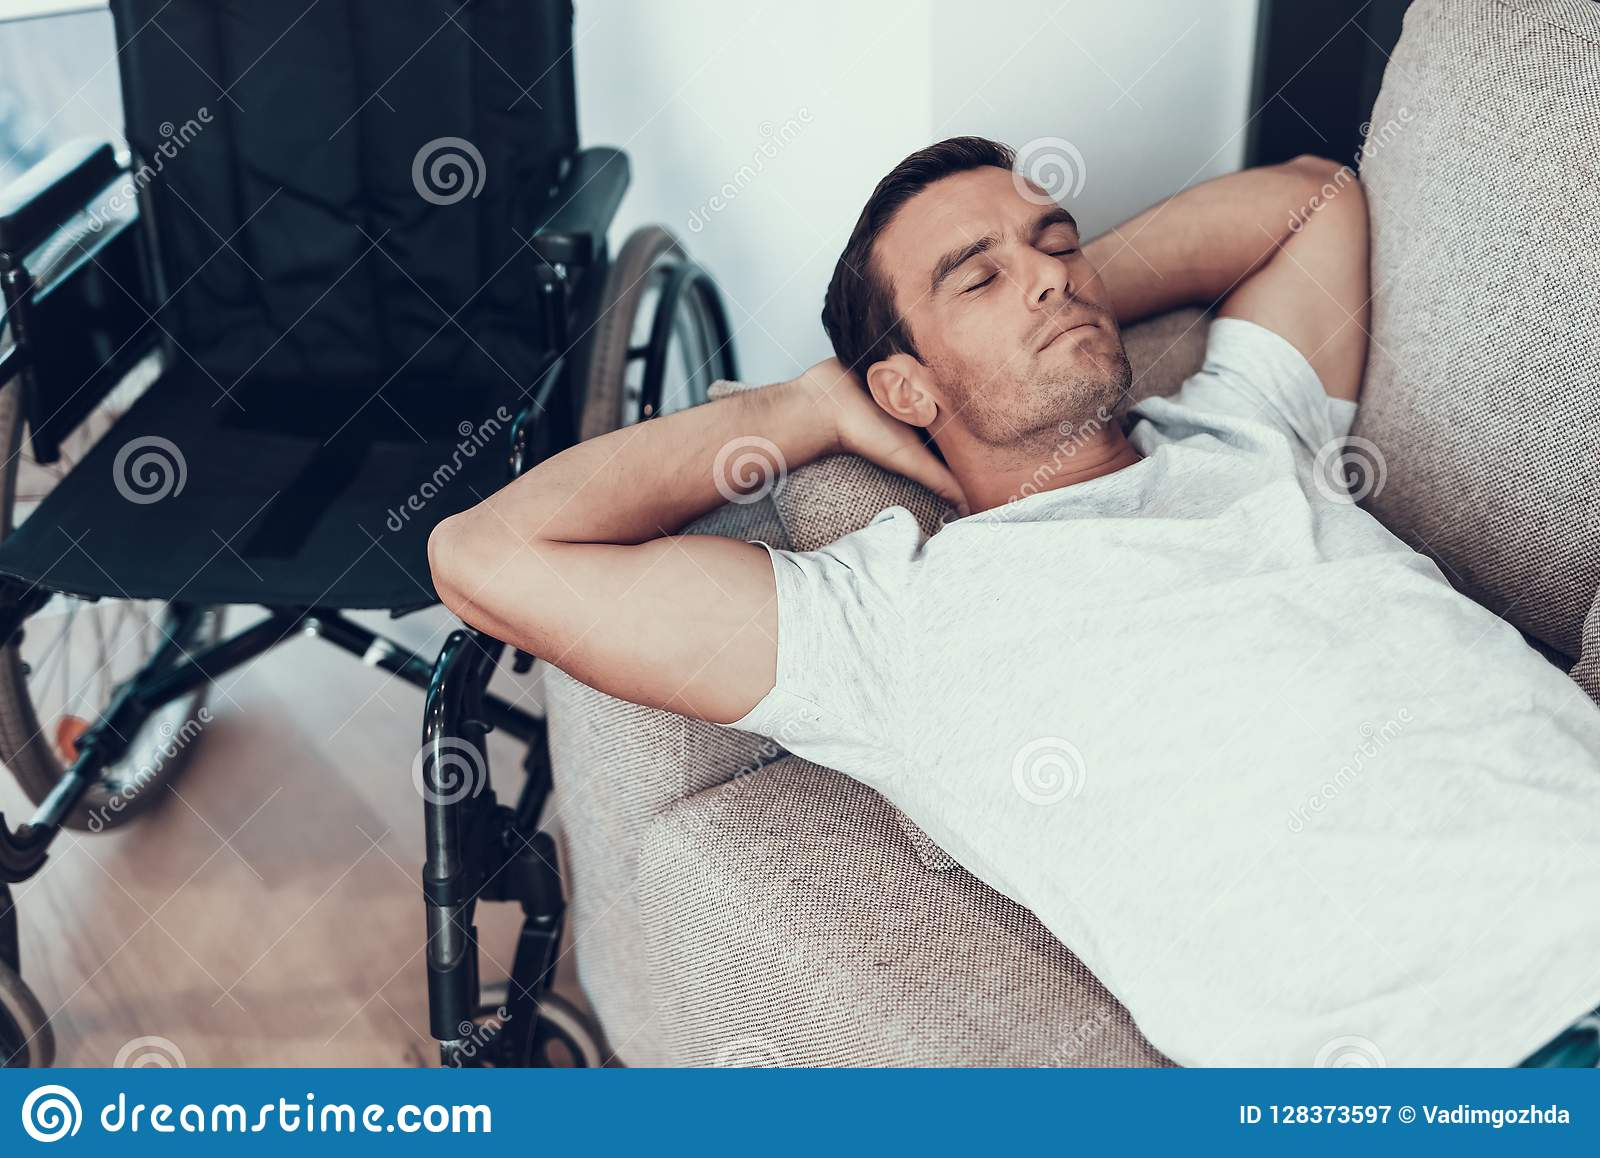 Mentiras do homem perto da cadeira de rodas em Sofa With Closed Eyes